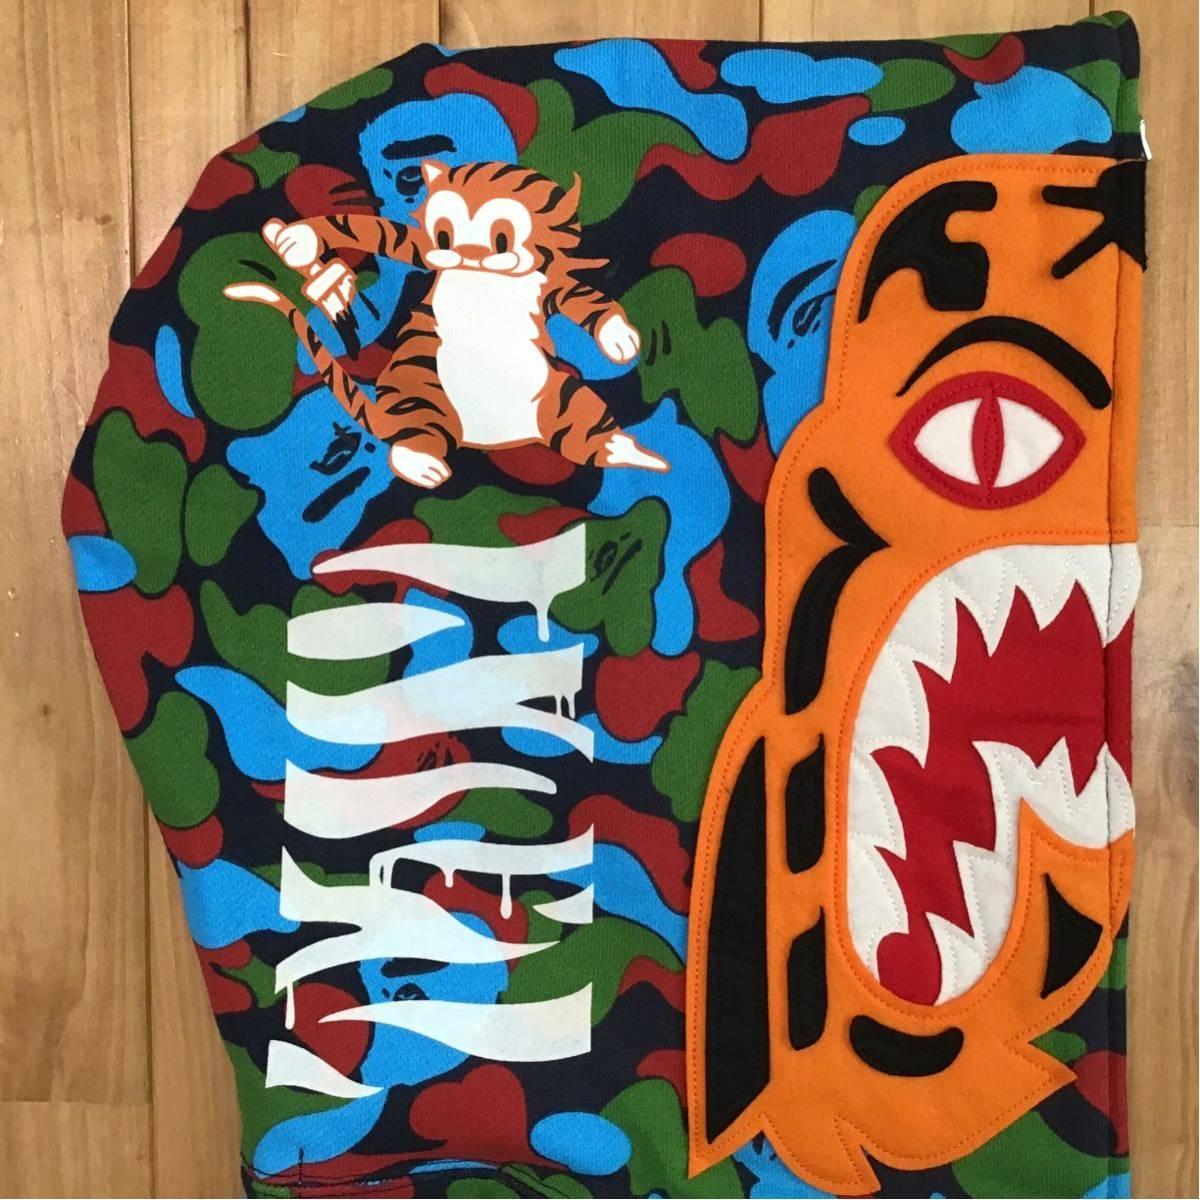 ★シンガポール限定★ Singapore city camo タイガー パーカー Mサイズ a bathing ape bape tiger full zip hoodie エイプ ベイプ 迷彩 d21